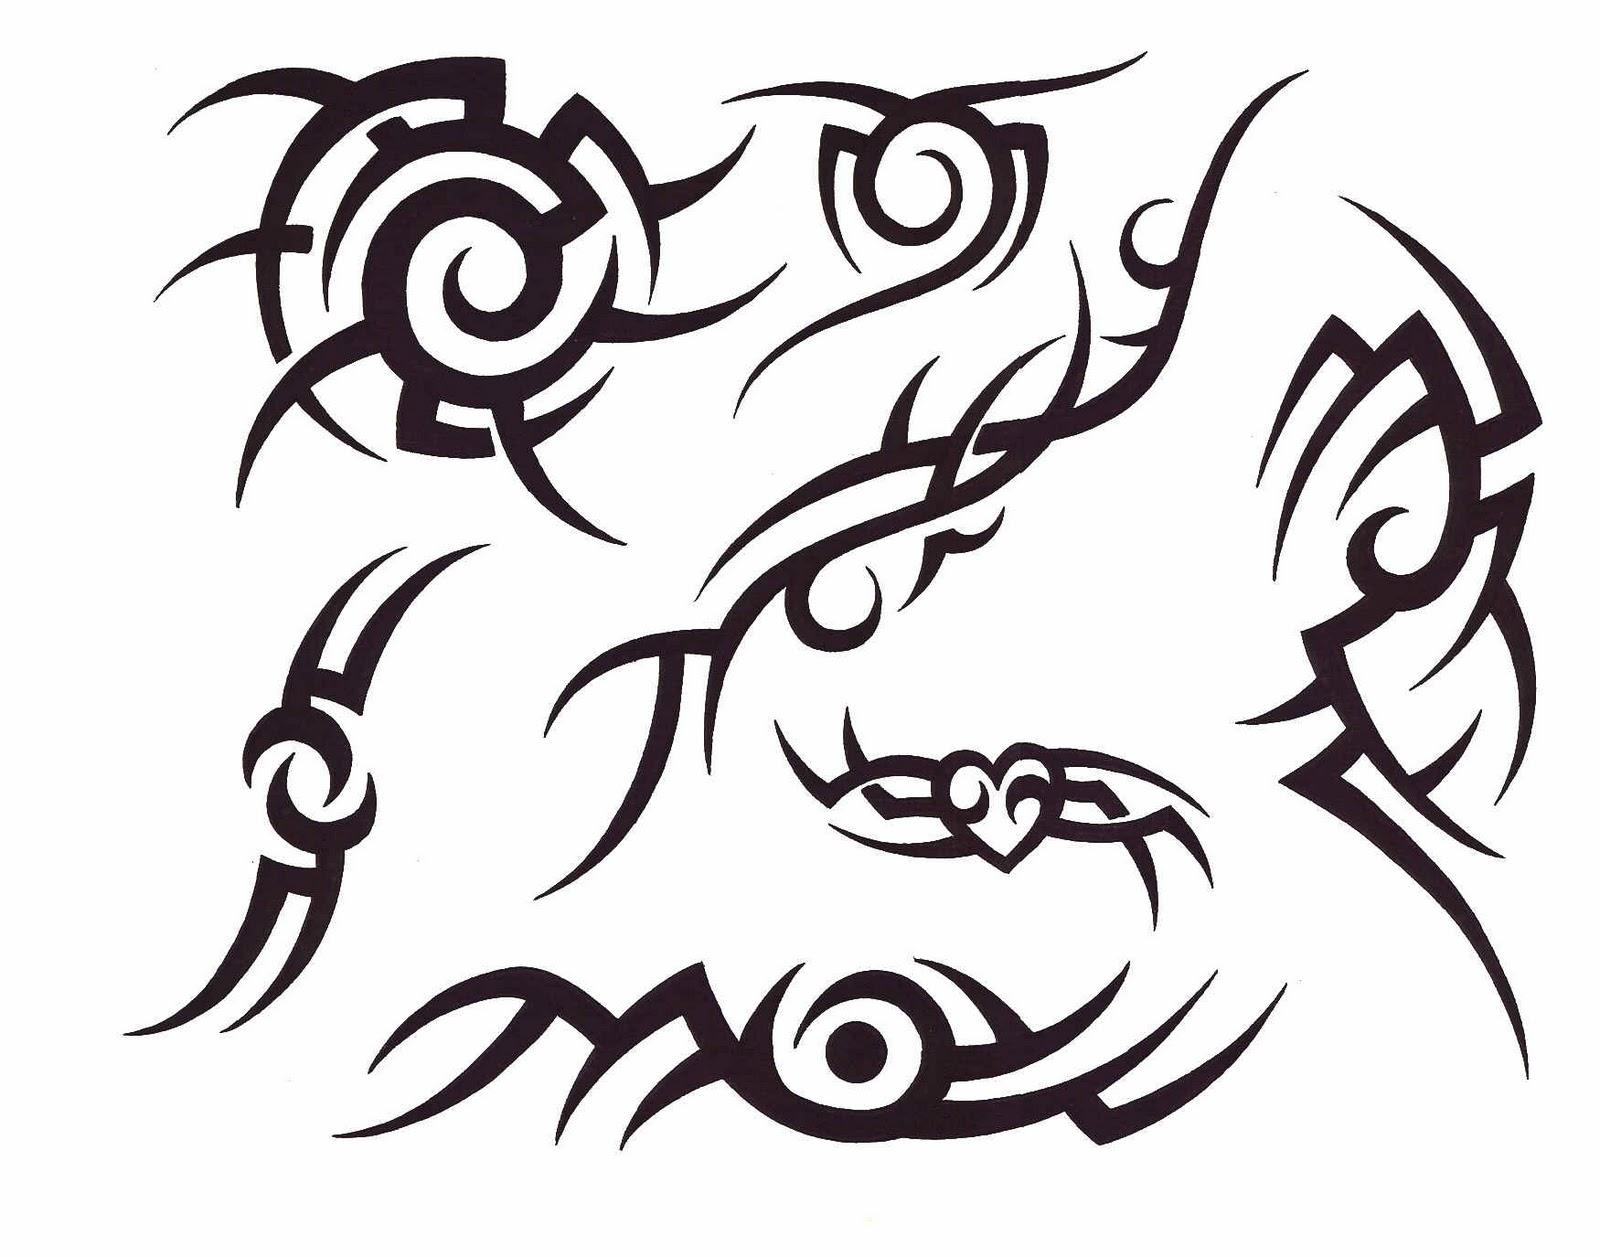 Tribal Henna Designs: Free Tribal Henna Tattoo Designs, Evil Clown Tattoos Free